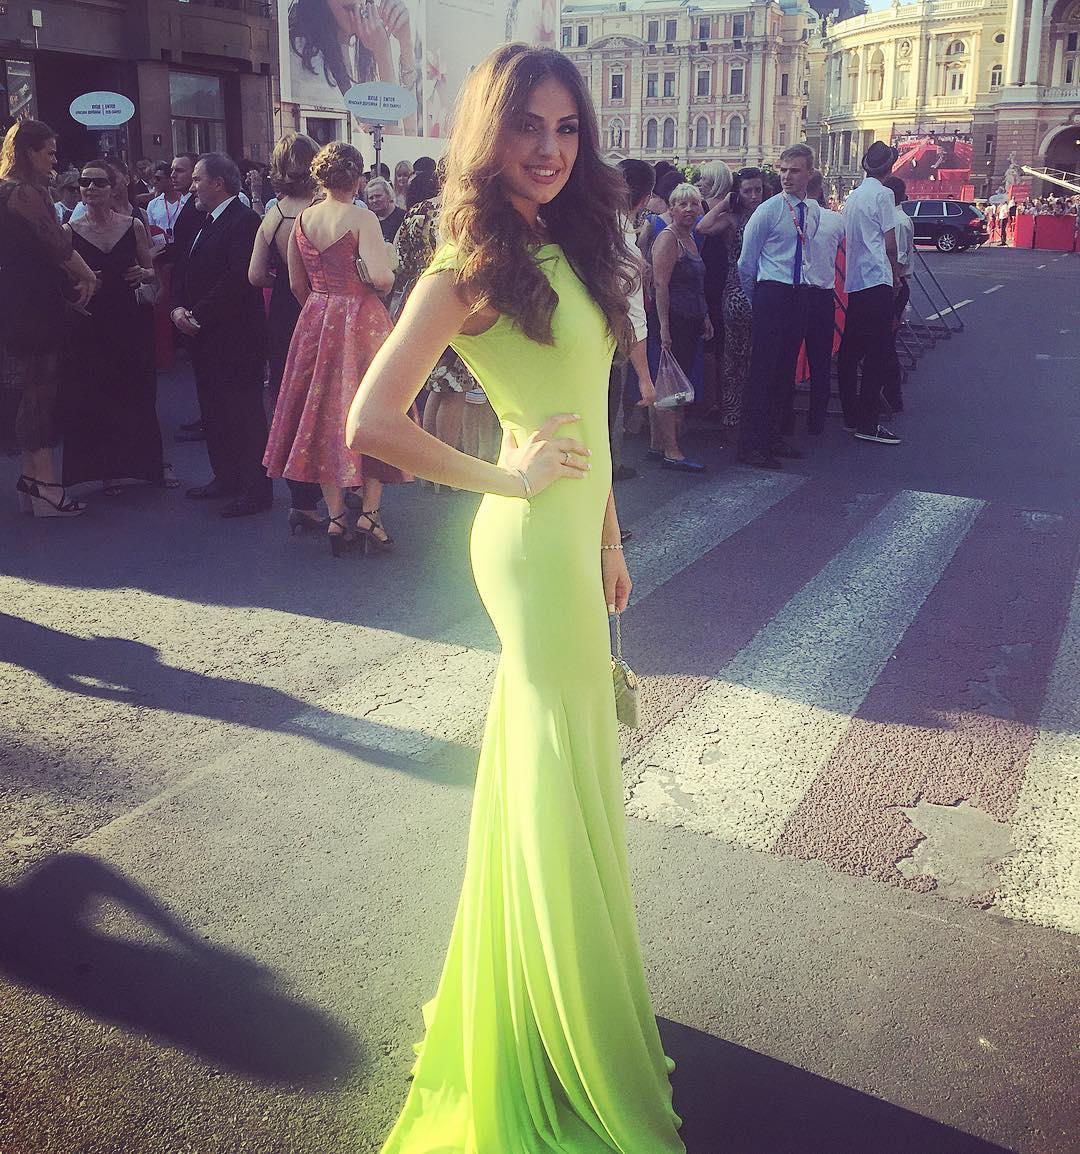 Иракли Макацария и победительница шоу «Холостяк-6» Алена Лесык впервые вместе вышли на красную дорожку